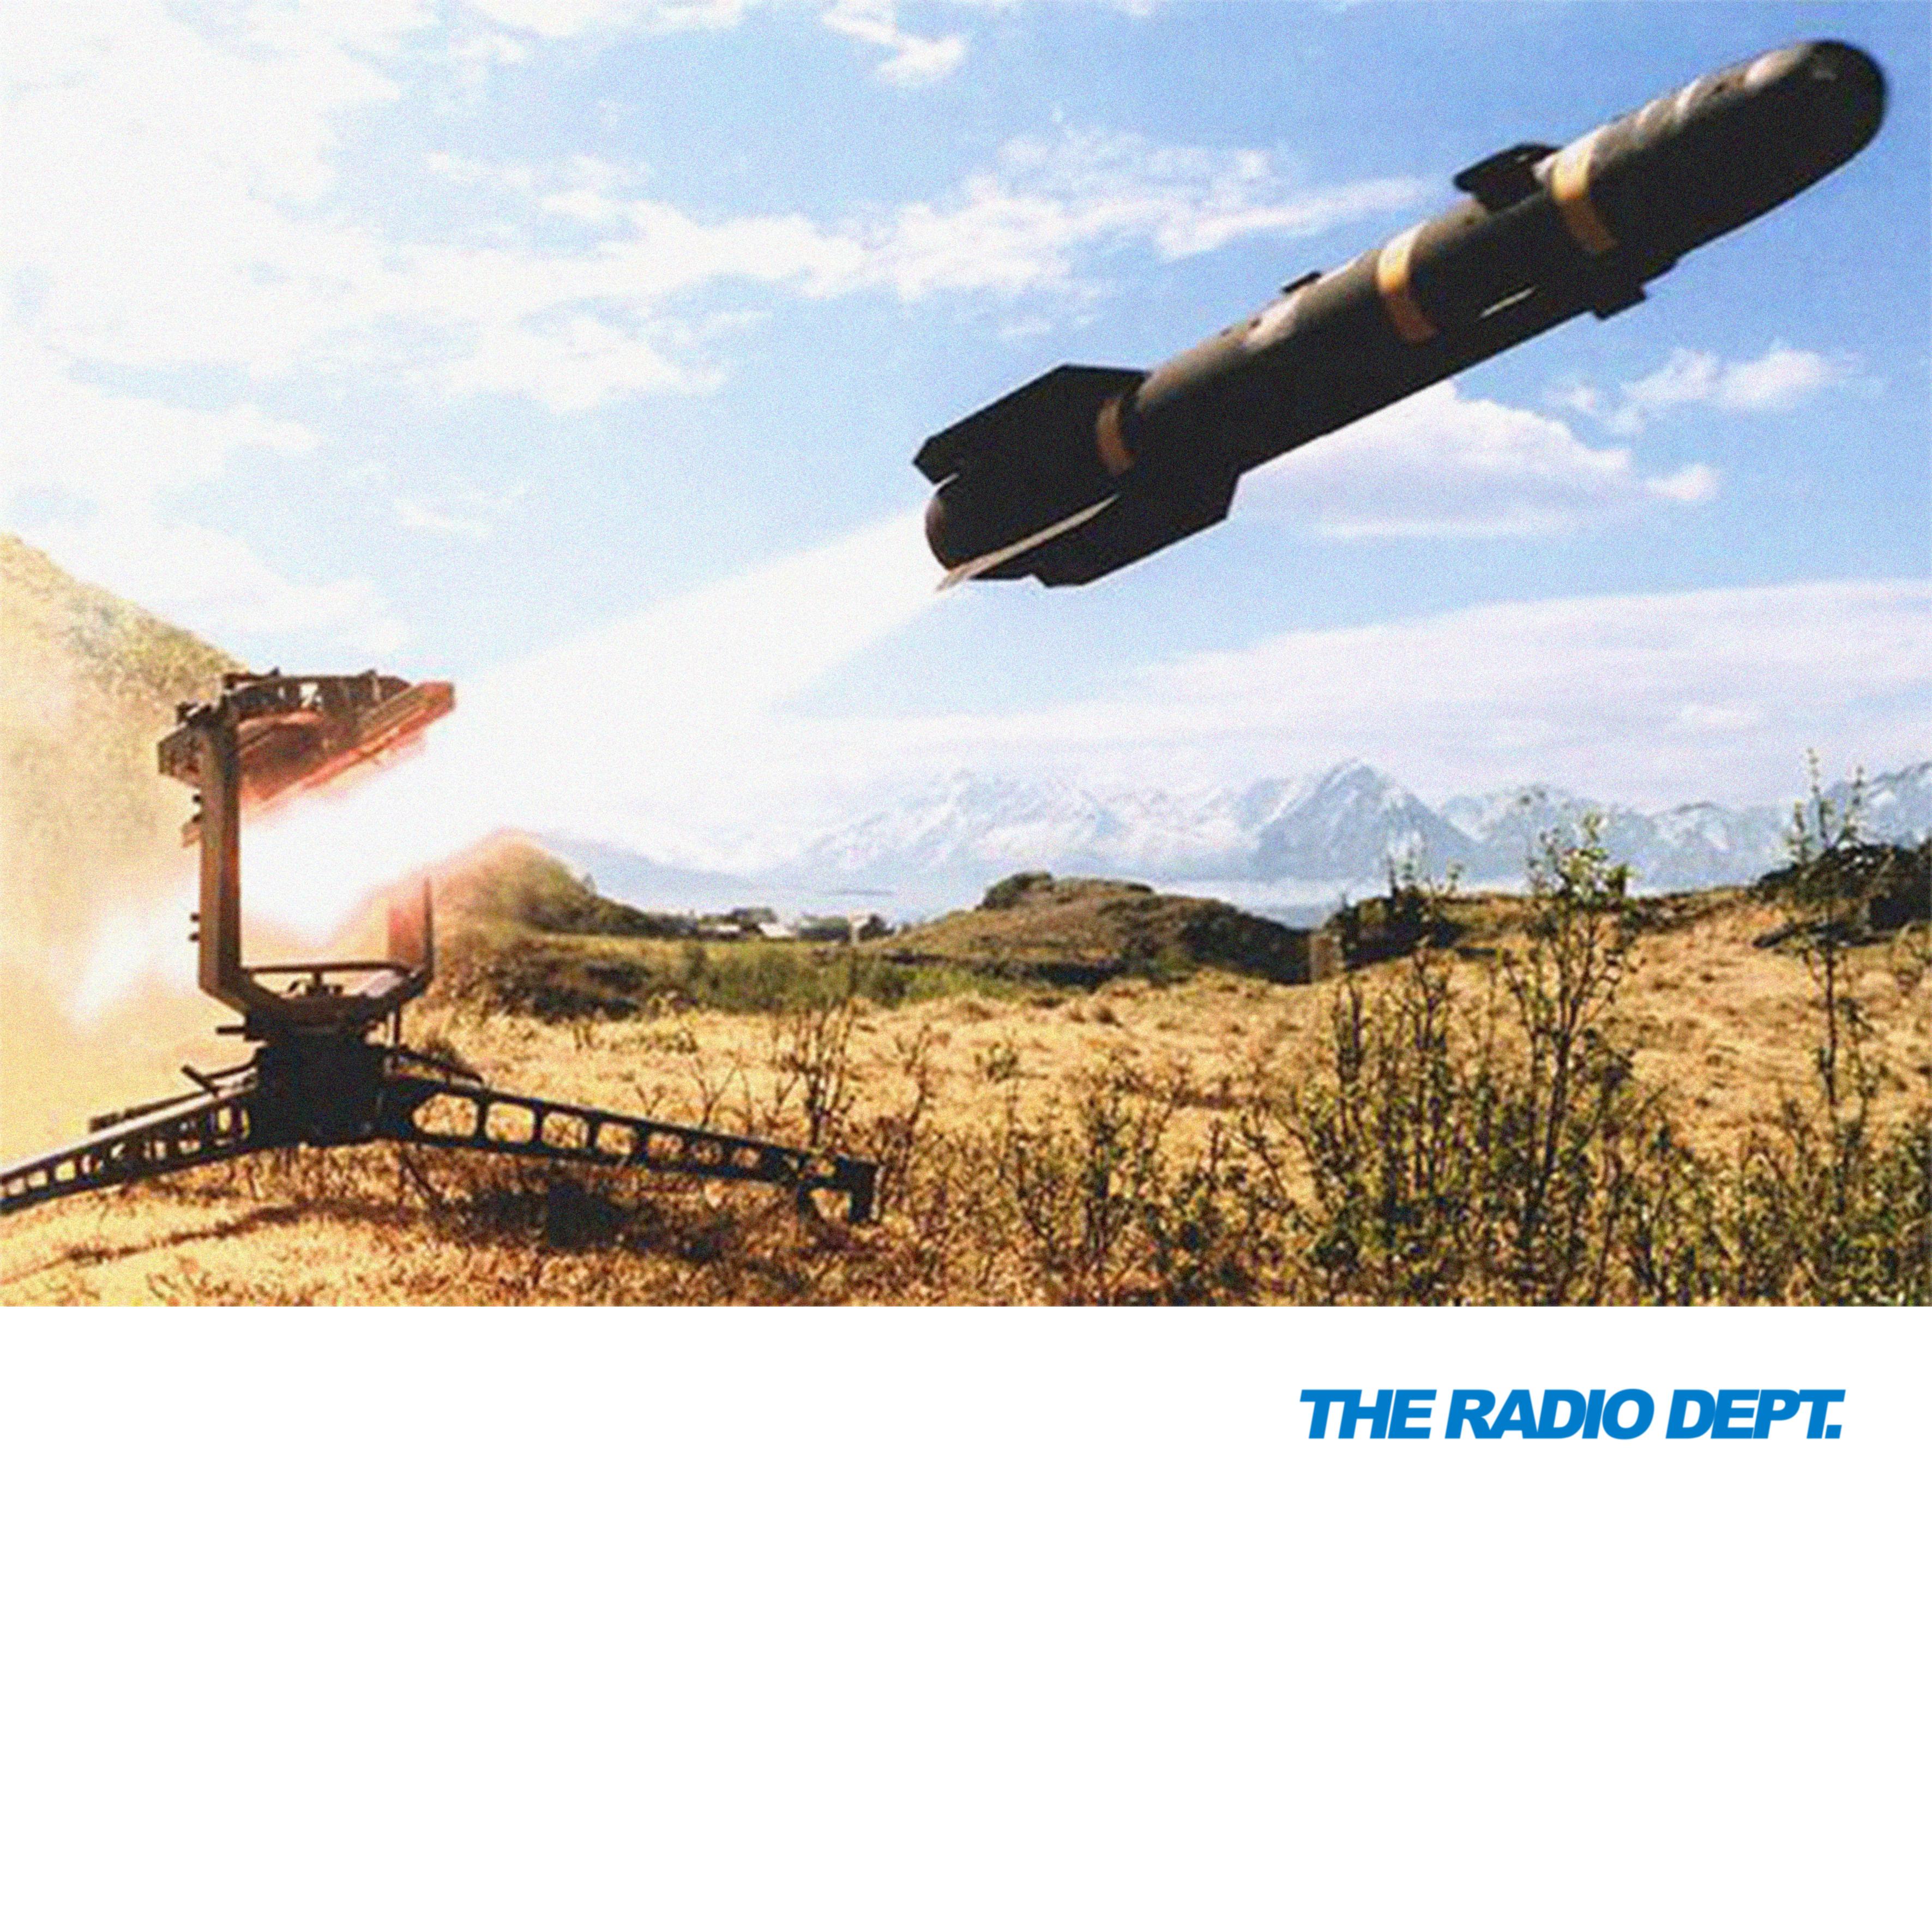 The Radio Dept – Swedish guns